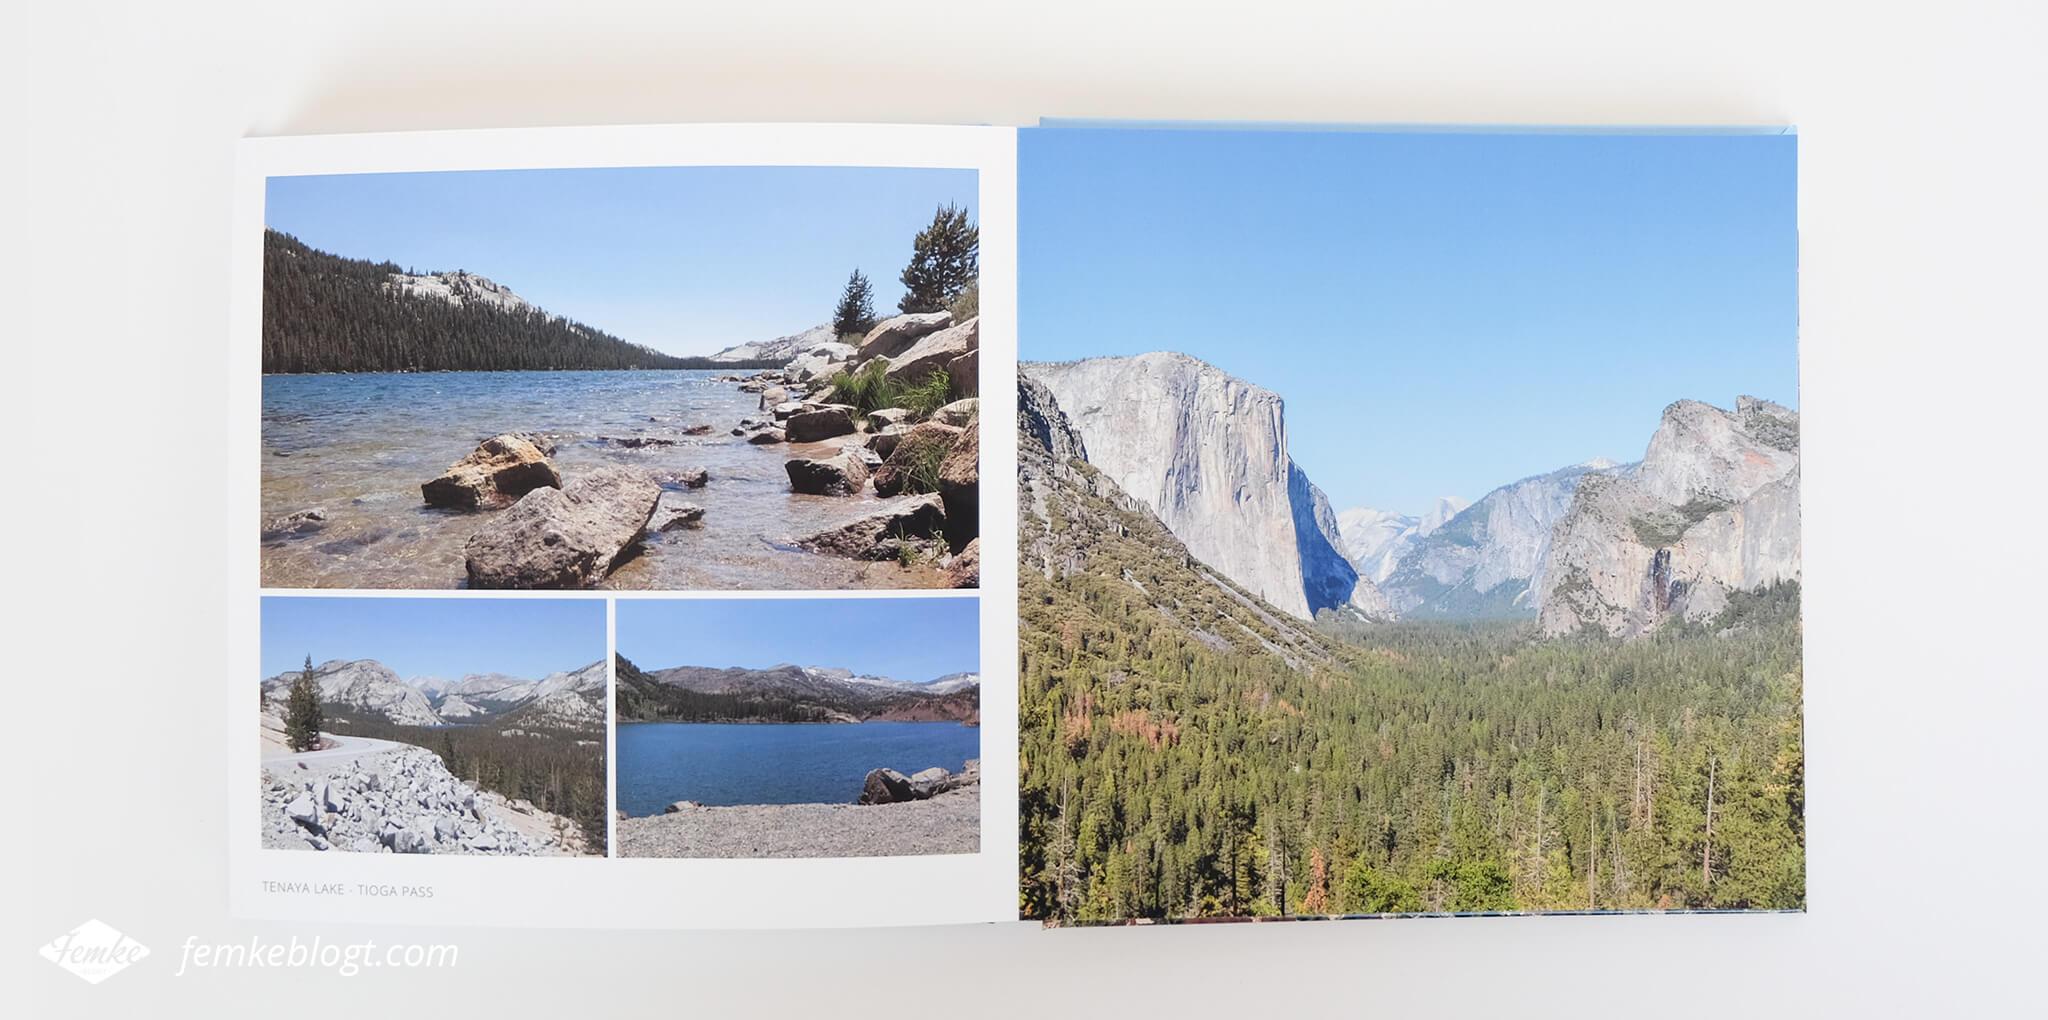 Mijn fotoboek van onze rondreis door Amerika | Fotoboek maken, ontwerpen en design tips